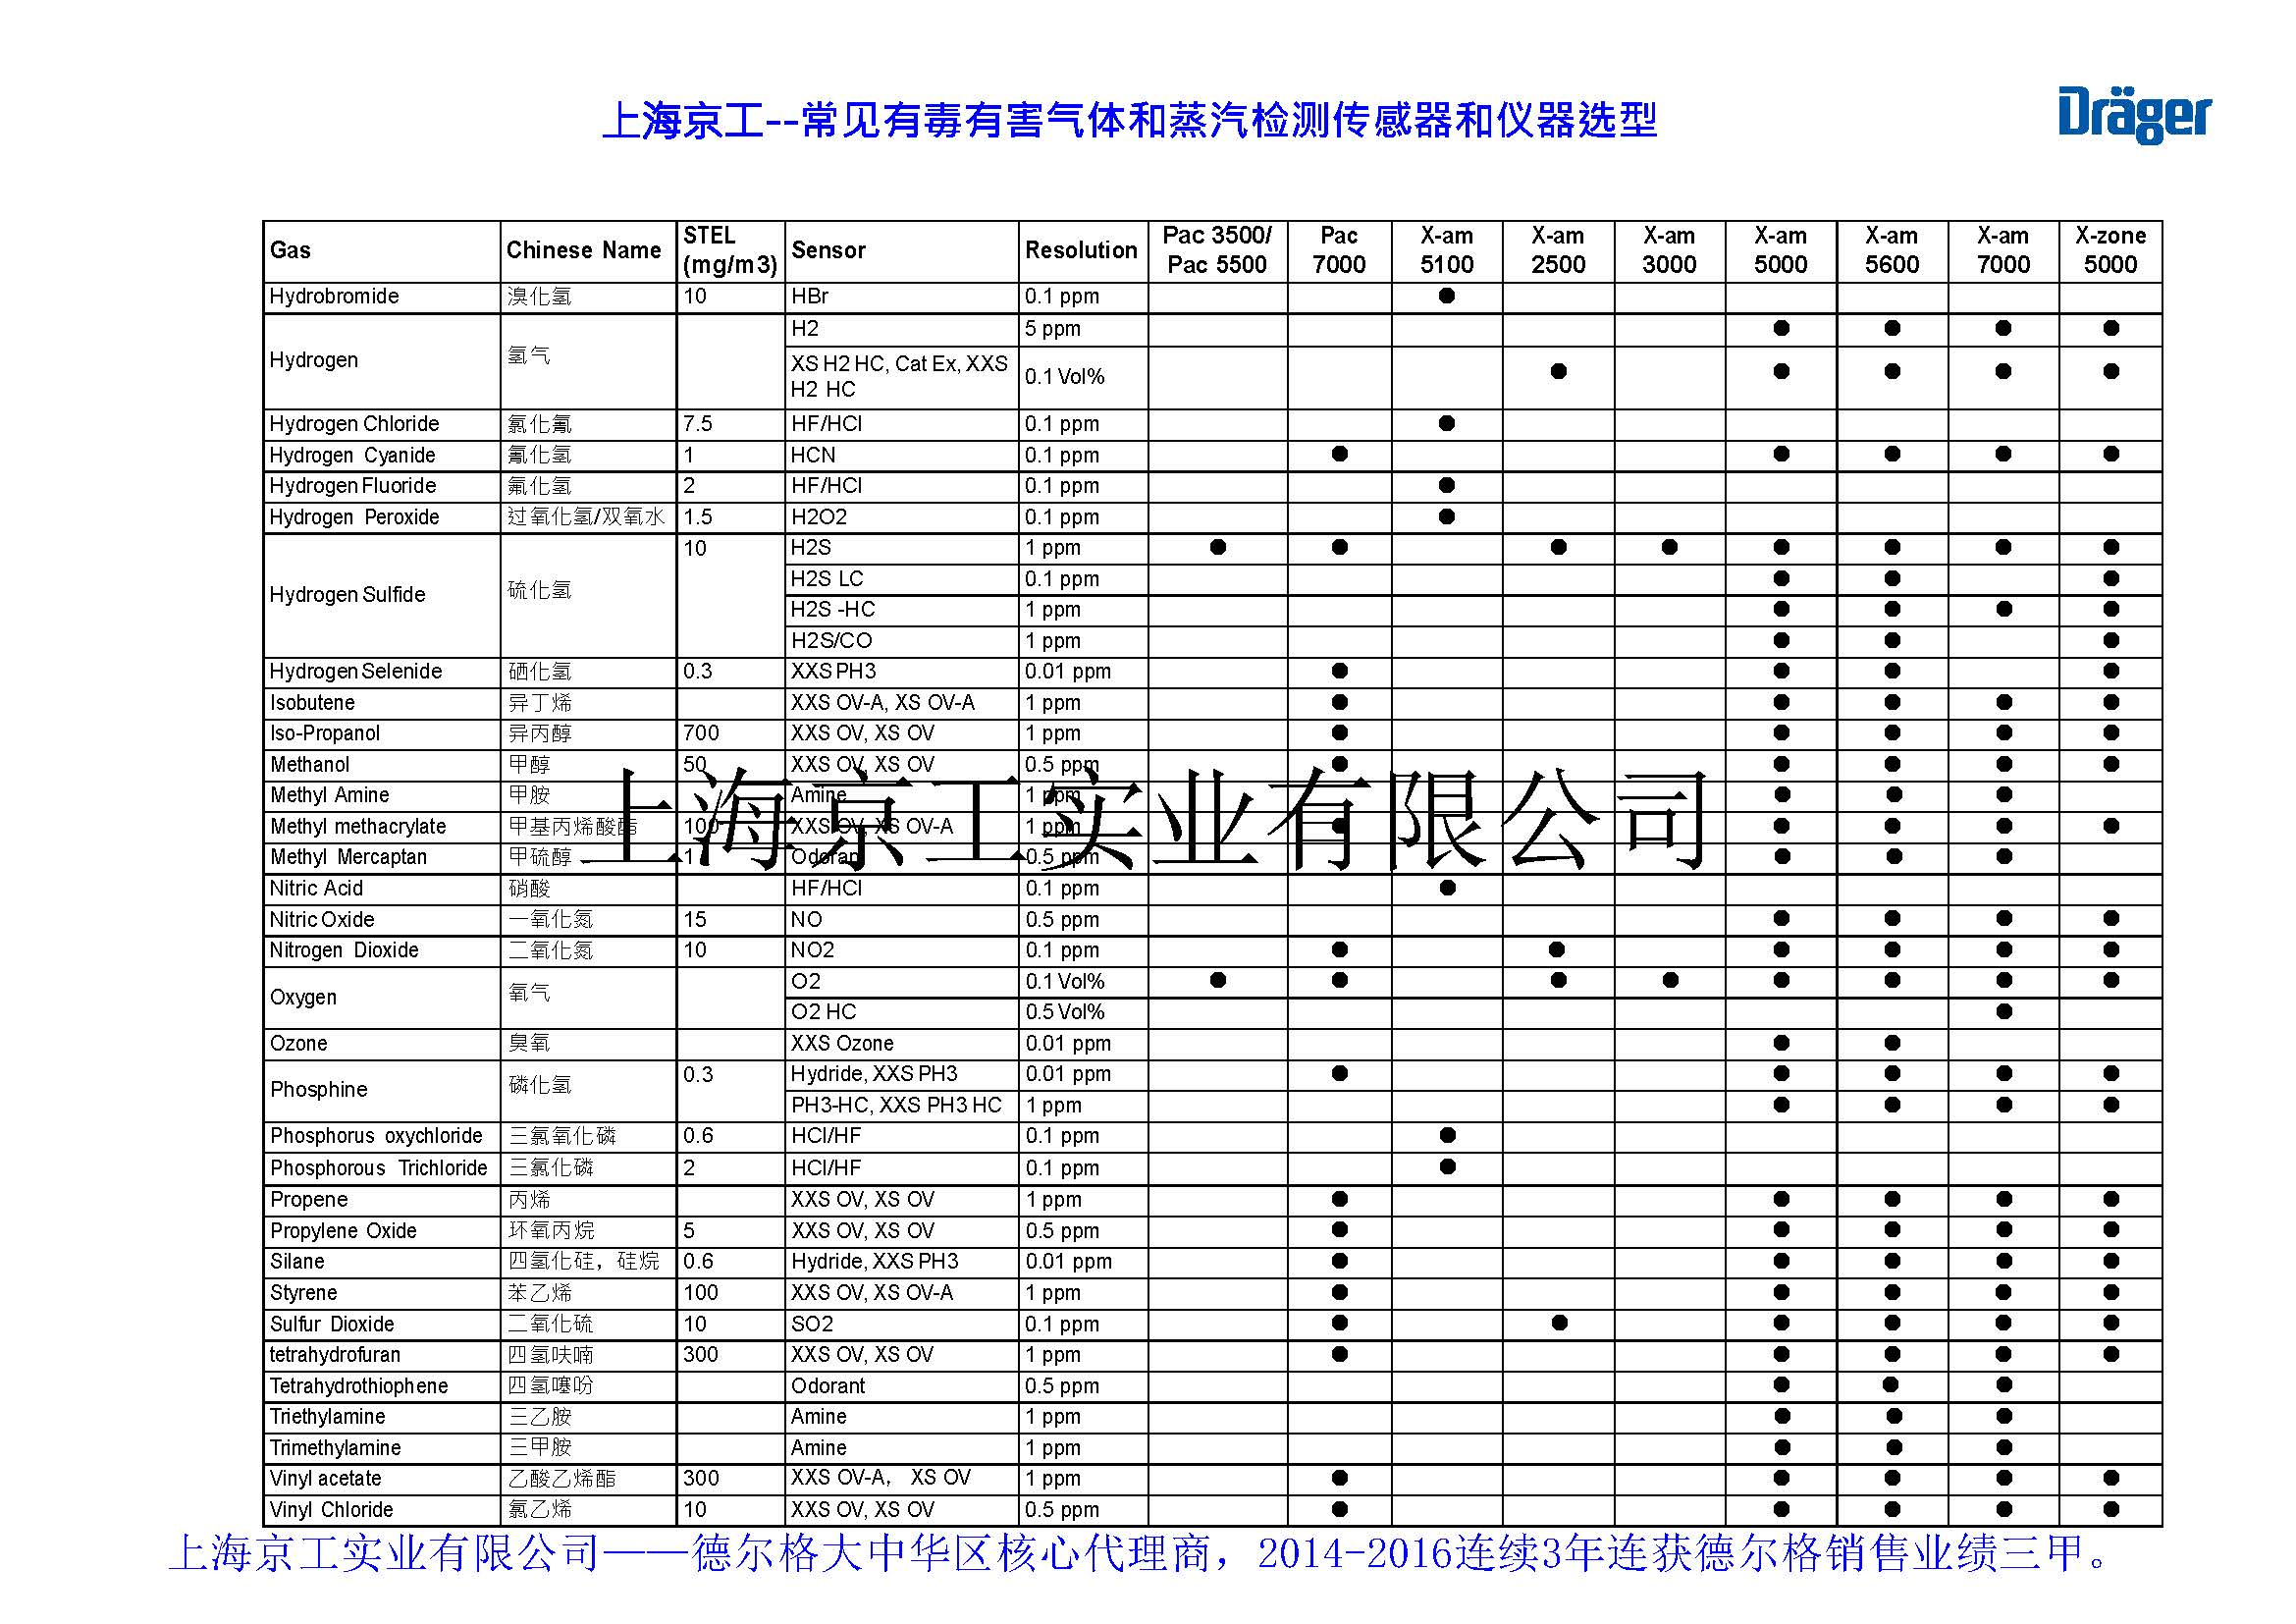 德尔格便携式气体检测仪选型表2